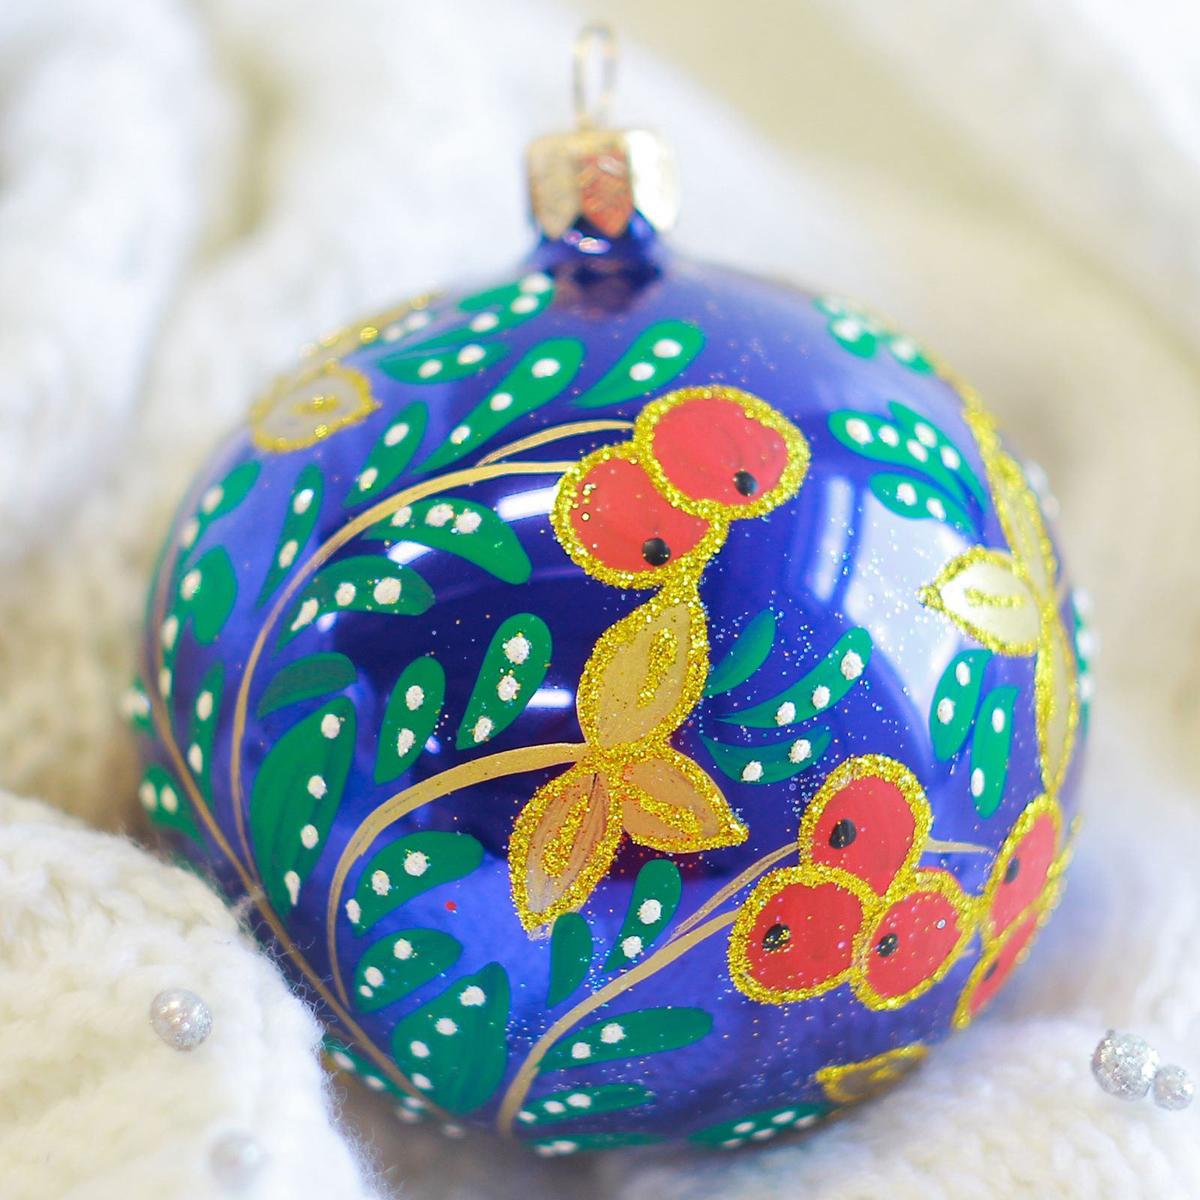 Украшение новогоднее елочное Иней Клюковка, диаметр, 8,5 см2555478Новогоднее подвесное украшение Иней отлично подойдет для декорации вашего дома и новогодней ели. Новогоднее украшение можно повесить в любом понравившемся вам месте. Но, конечно, удачнее всего оно будет смотреться на праздничной елке.Елочная игрушка - символ Нового года. Она несет в себе волшебство и красоту праздника. Такое украшение создаст в вашем доме атмосферу праздника, веселья и радости.